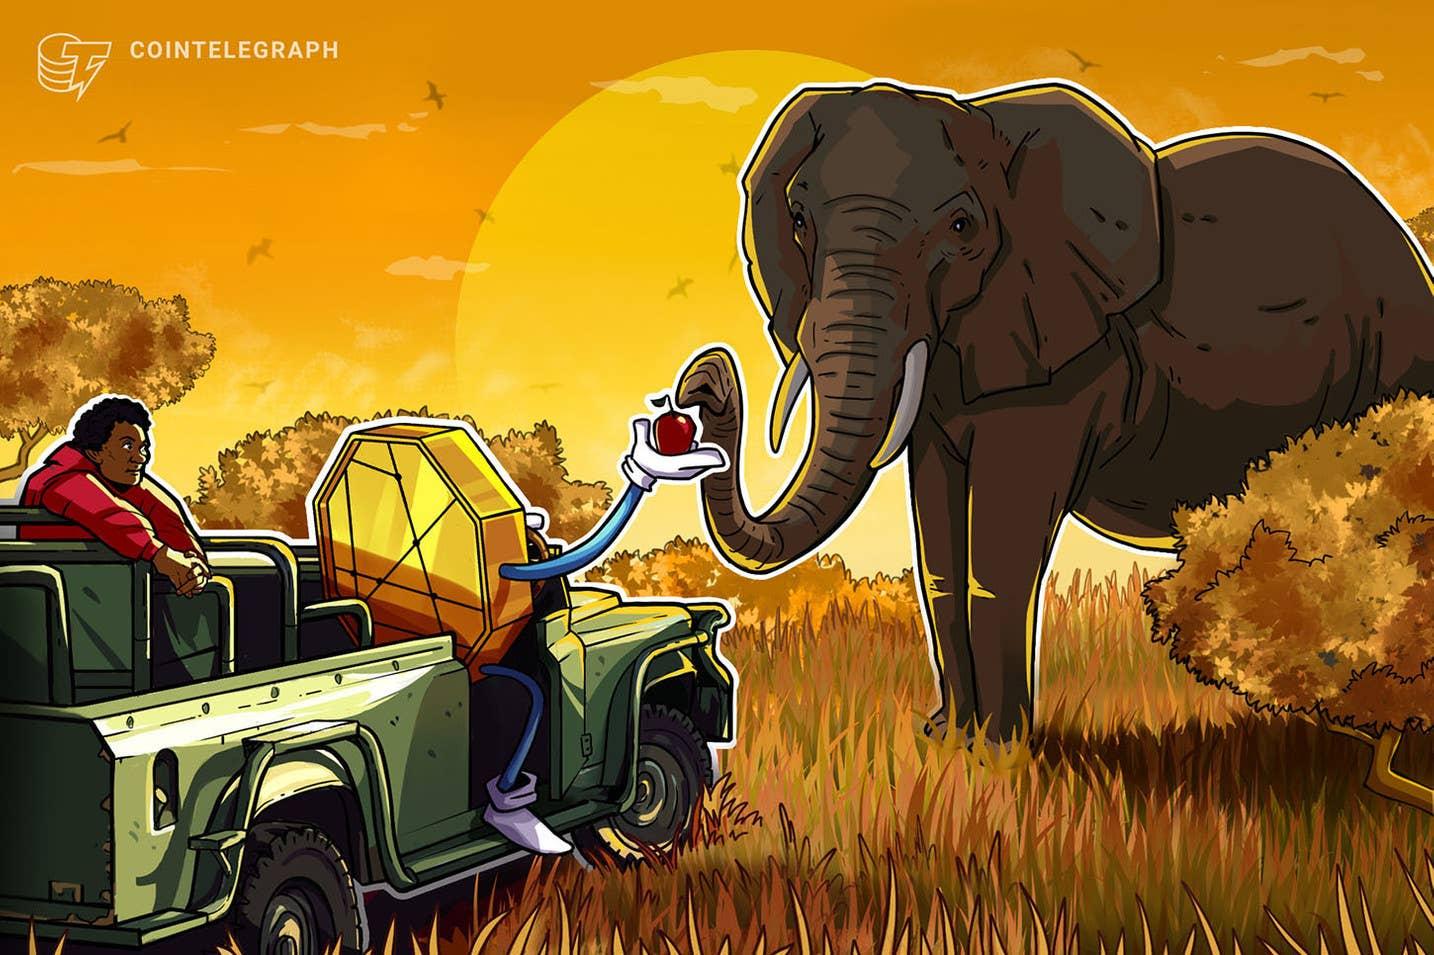 Nuo 1,200 m. Afrikos kriptovaliutų rinka išaugo daugiau nei 2020%: Chainalysis